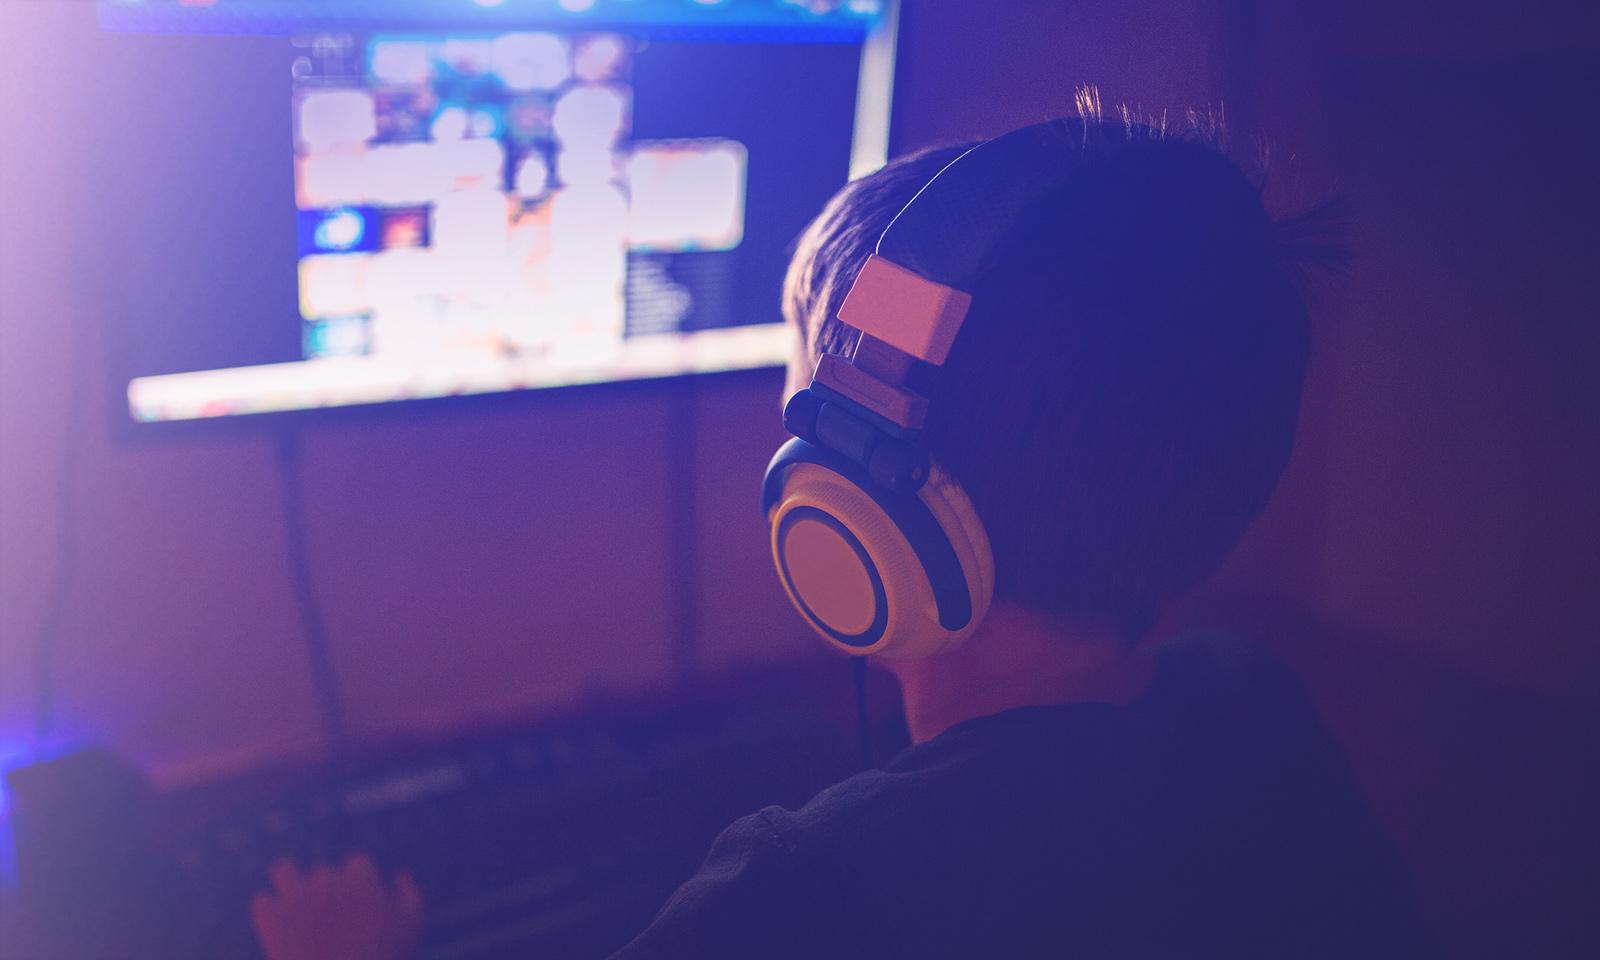 Jeux vidéo: est-ce que mon ado joue trop?